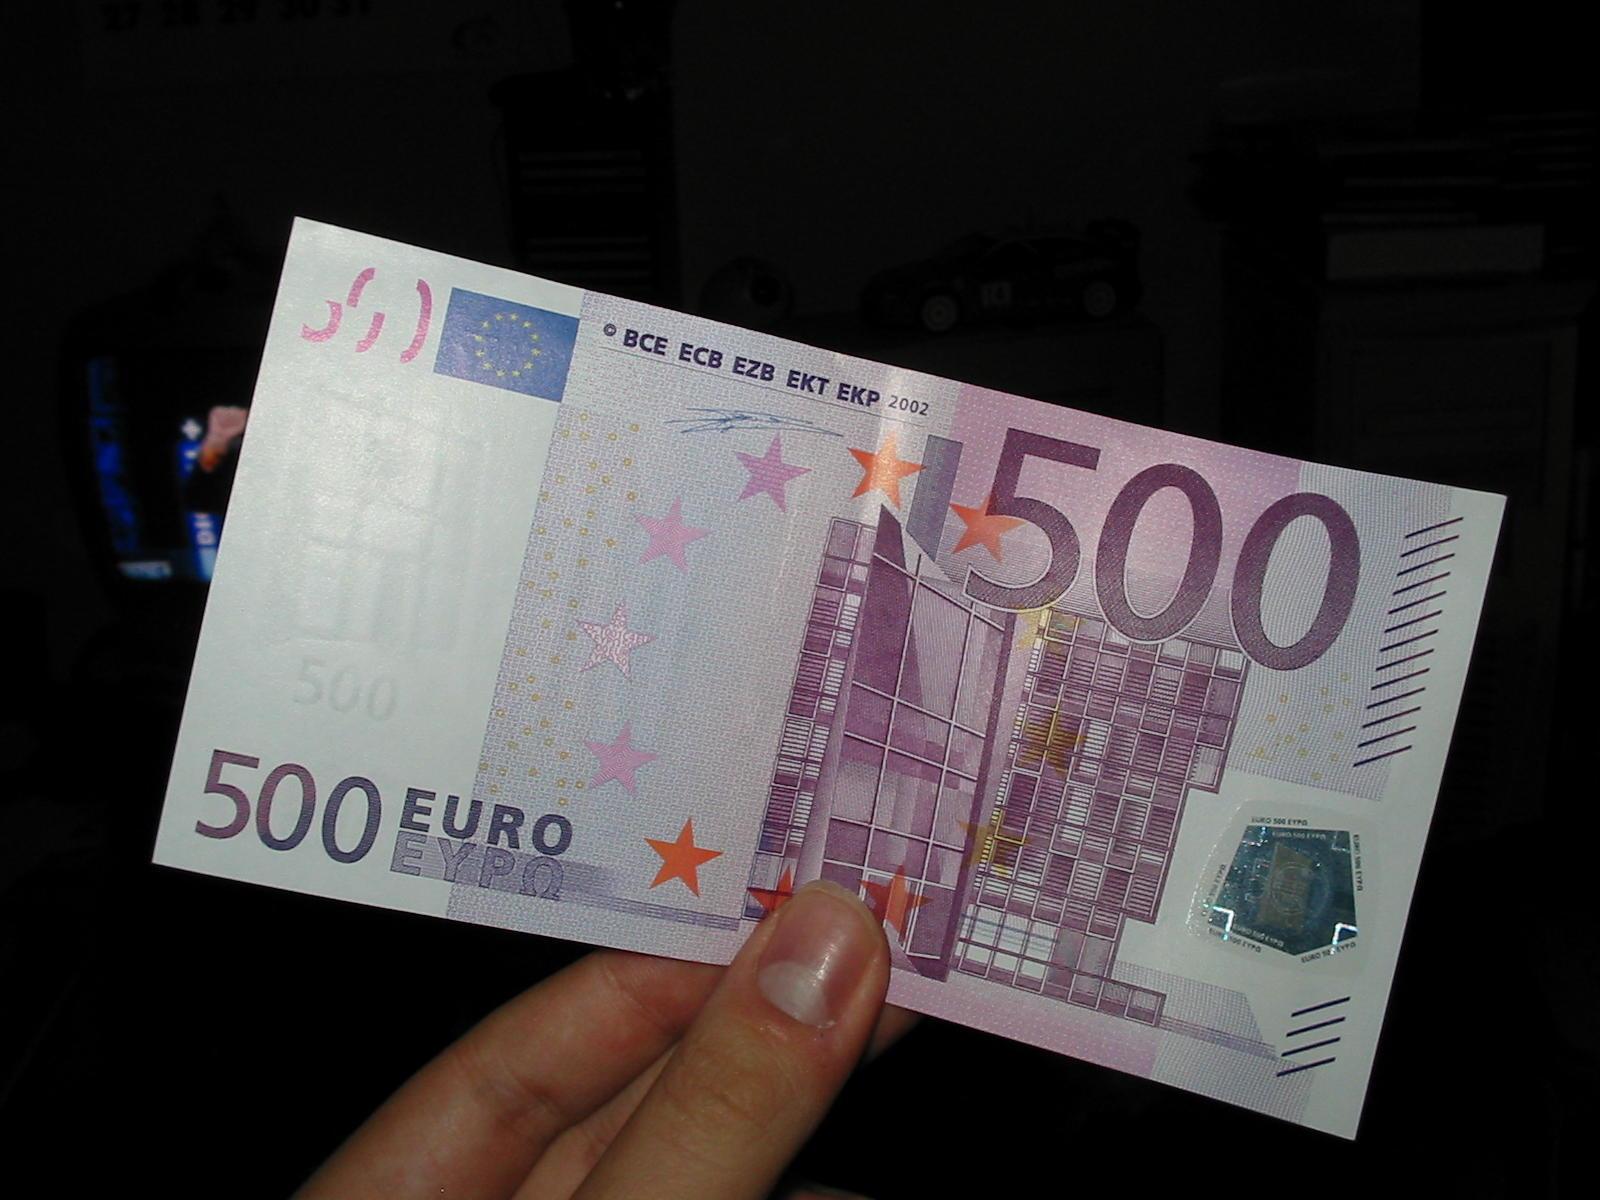 Nota_500_euros